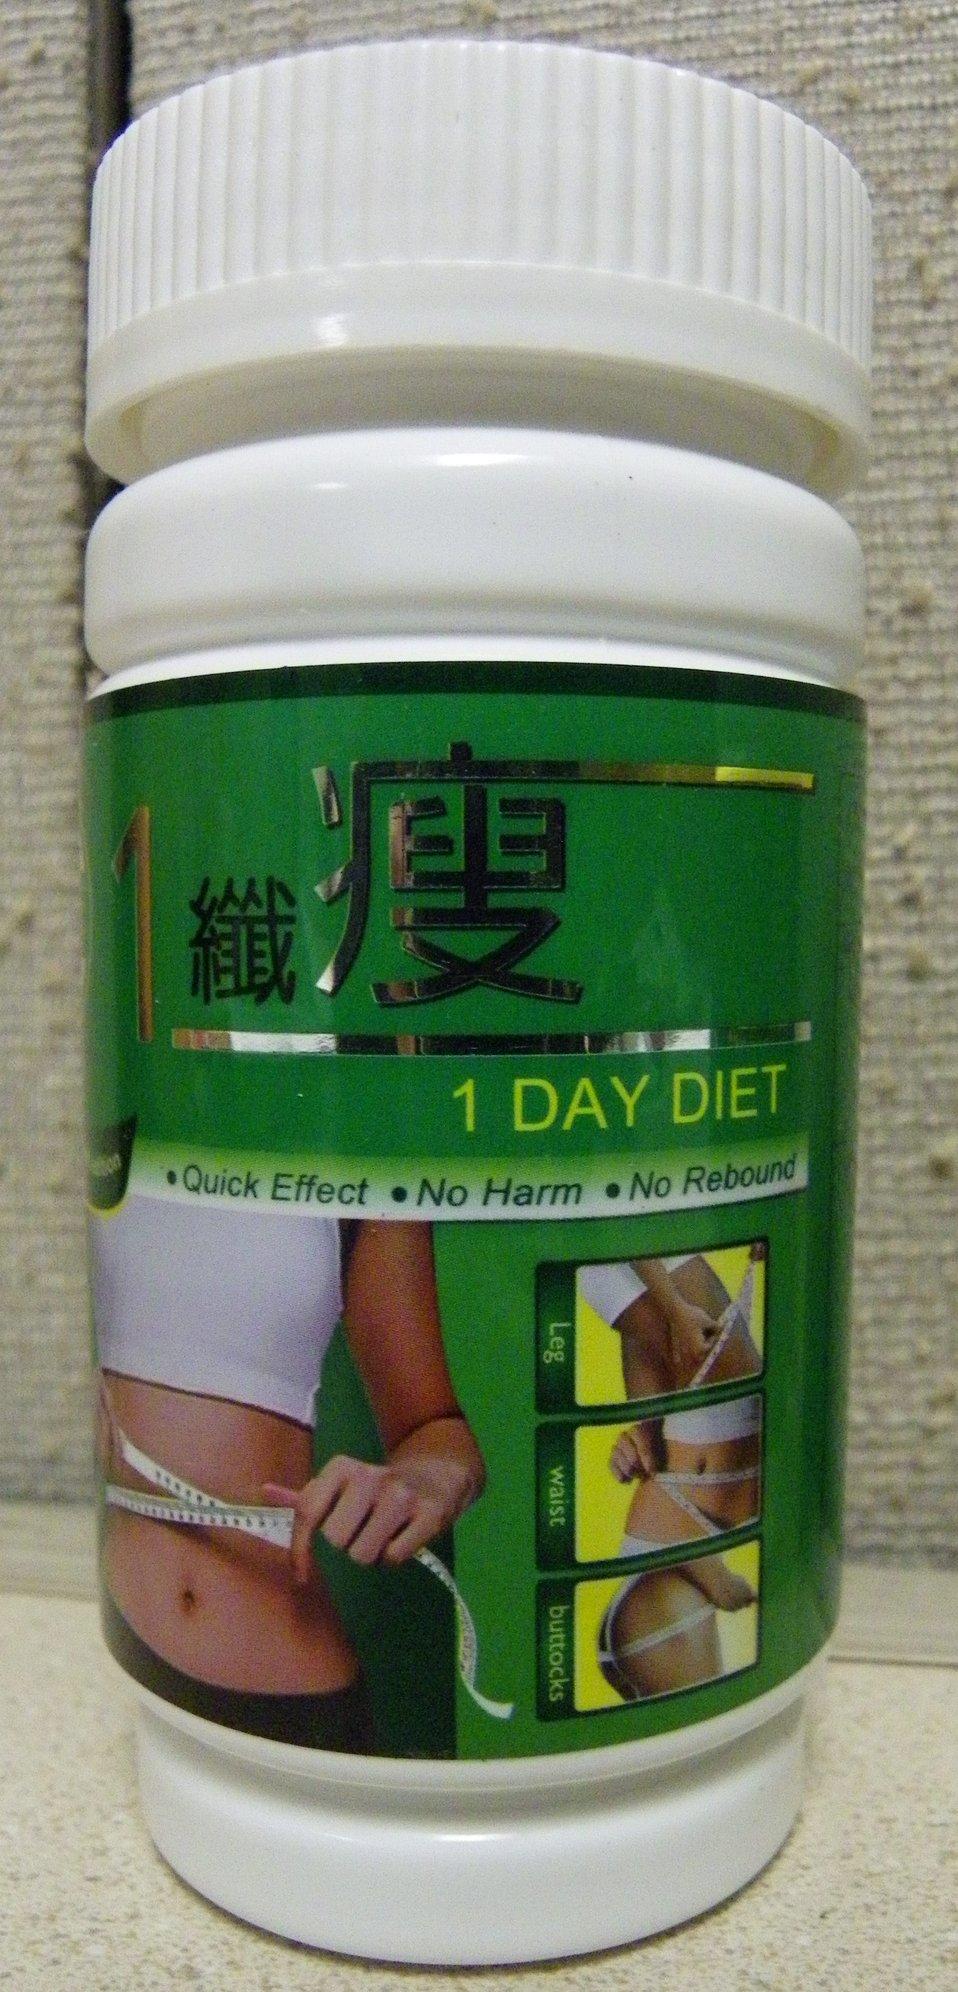 1 Day Diet